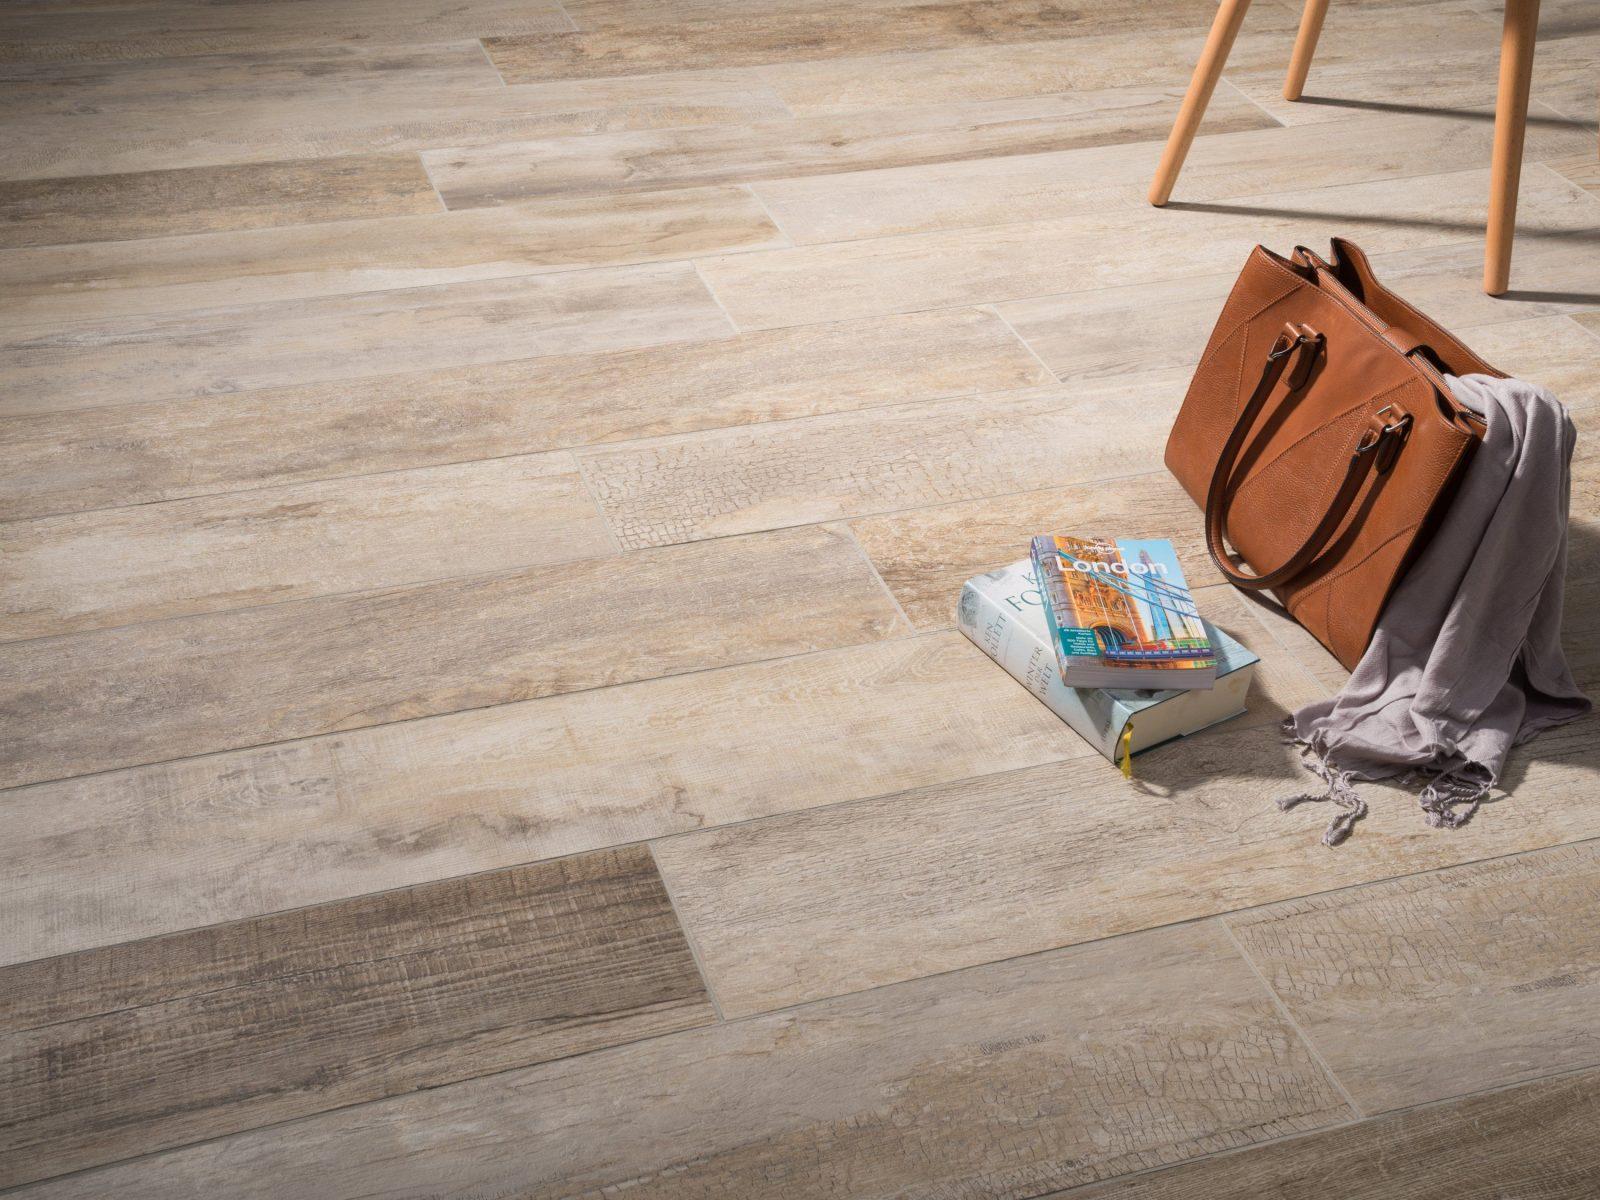 Erstaunlich Fliesen Ink Preis Bauhaus Preise Mit Preiswert von Fliesen In Holzoptik Bauhaus Photo